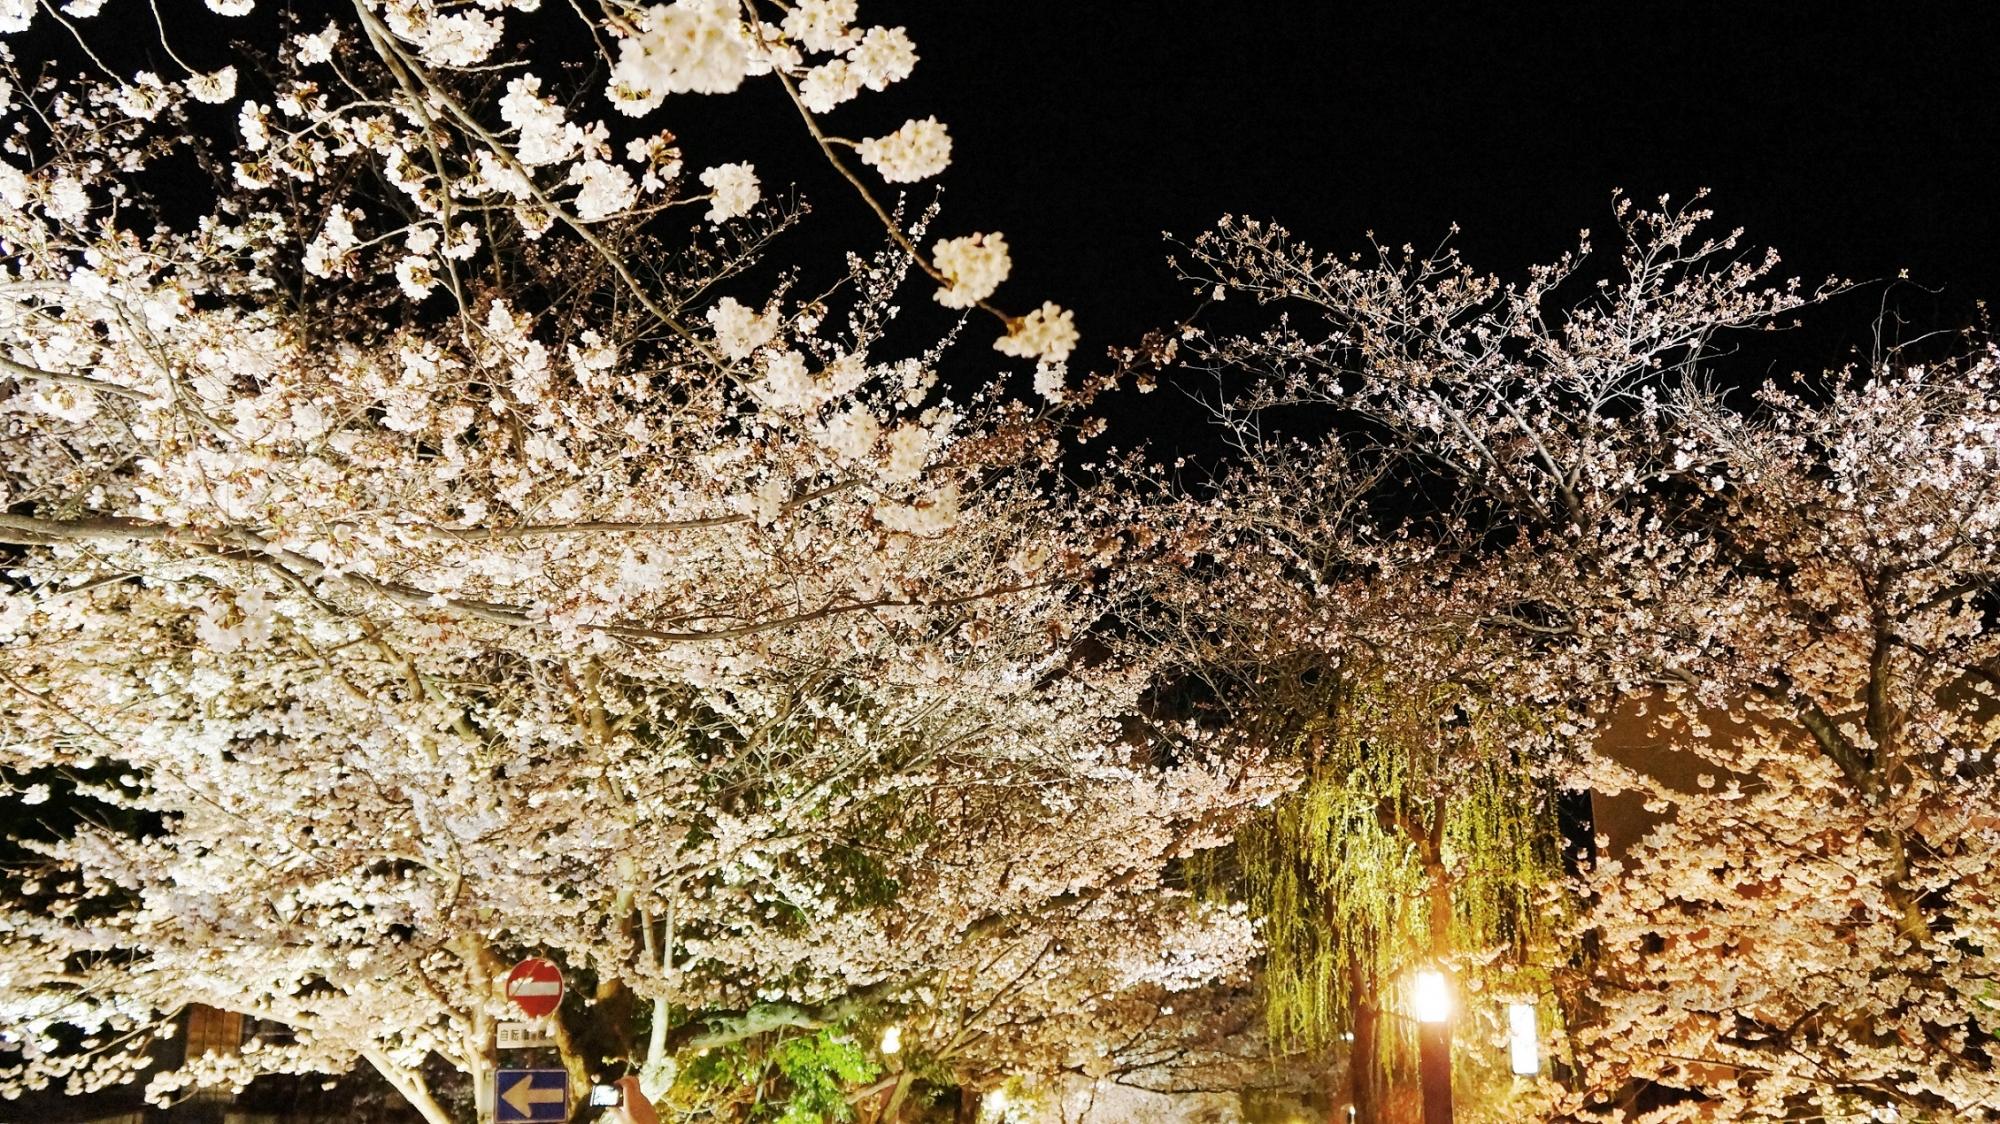 祇園白川の華やかな夜桜と優美な柳